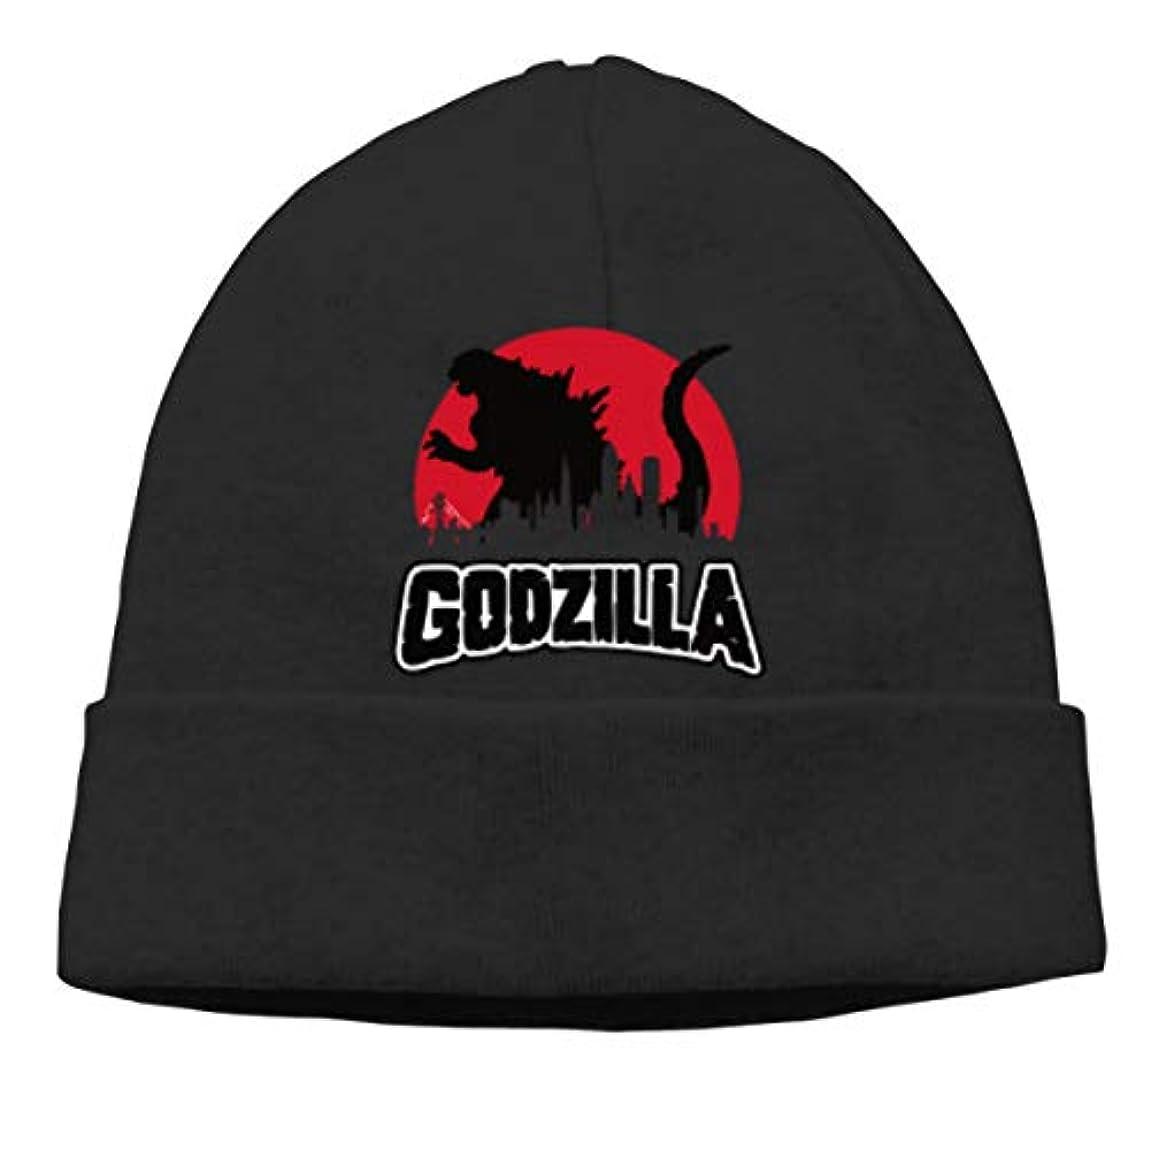 誤解を招くエッセイマイナーゴジラ Godzilla 未知の生き物 チ性抜群 通気性抜群 柔らかい 防風 無地 優れた弾力性 フェードしません 男性用と女性用のキャップ